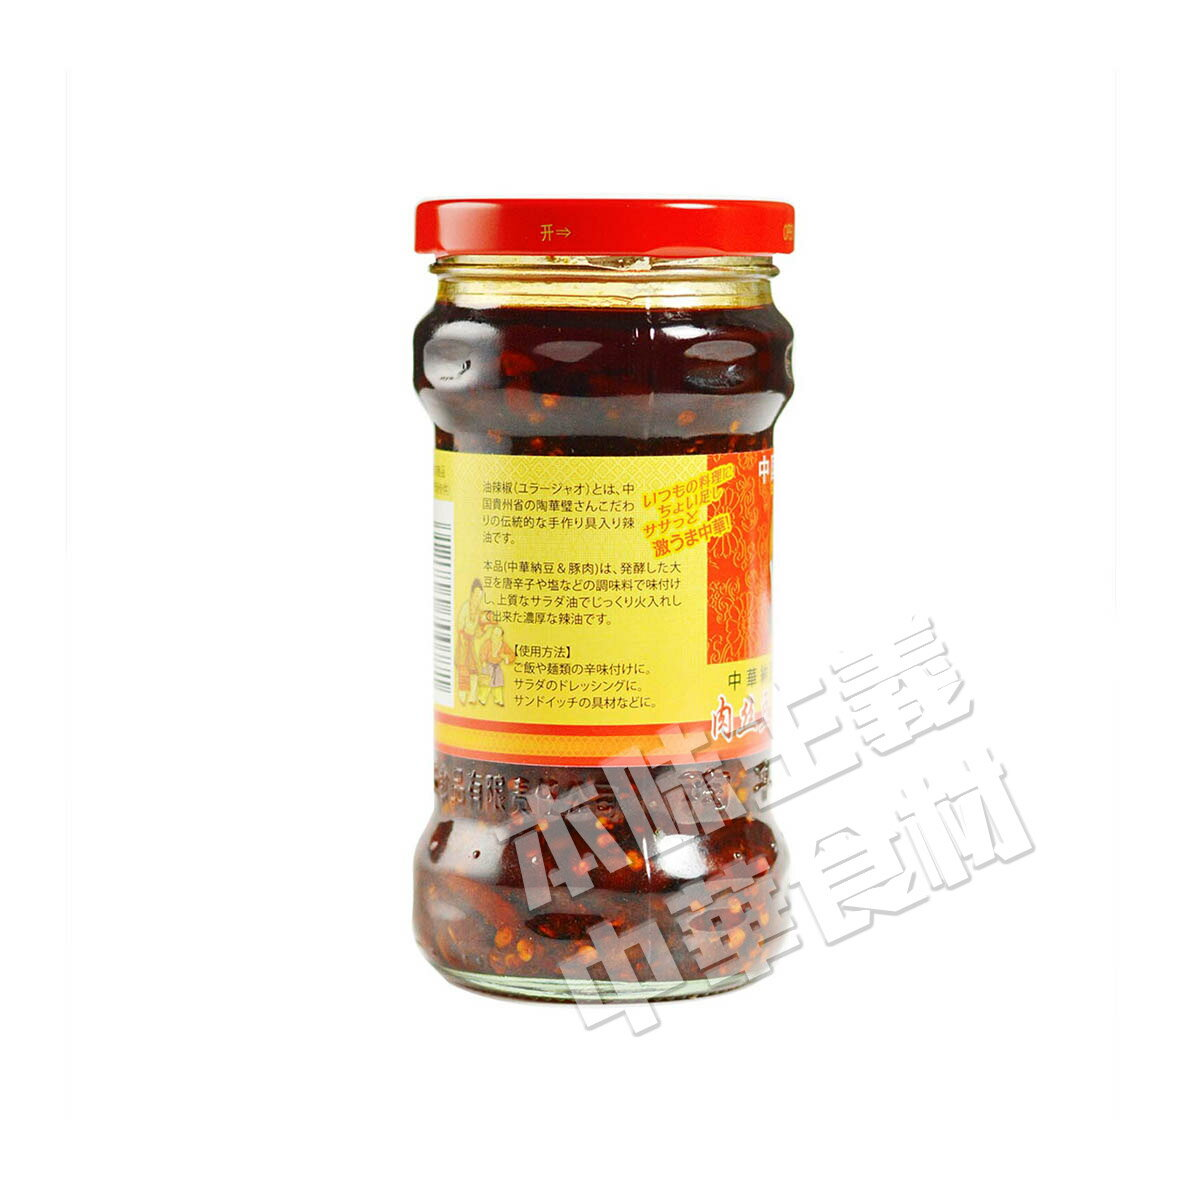 老干媽肉糸豆鼓油辣椒(干し豚肉入りラー油) 中華料理人気商品・中華食材調味料・中国名産